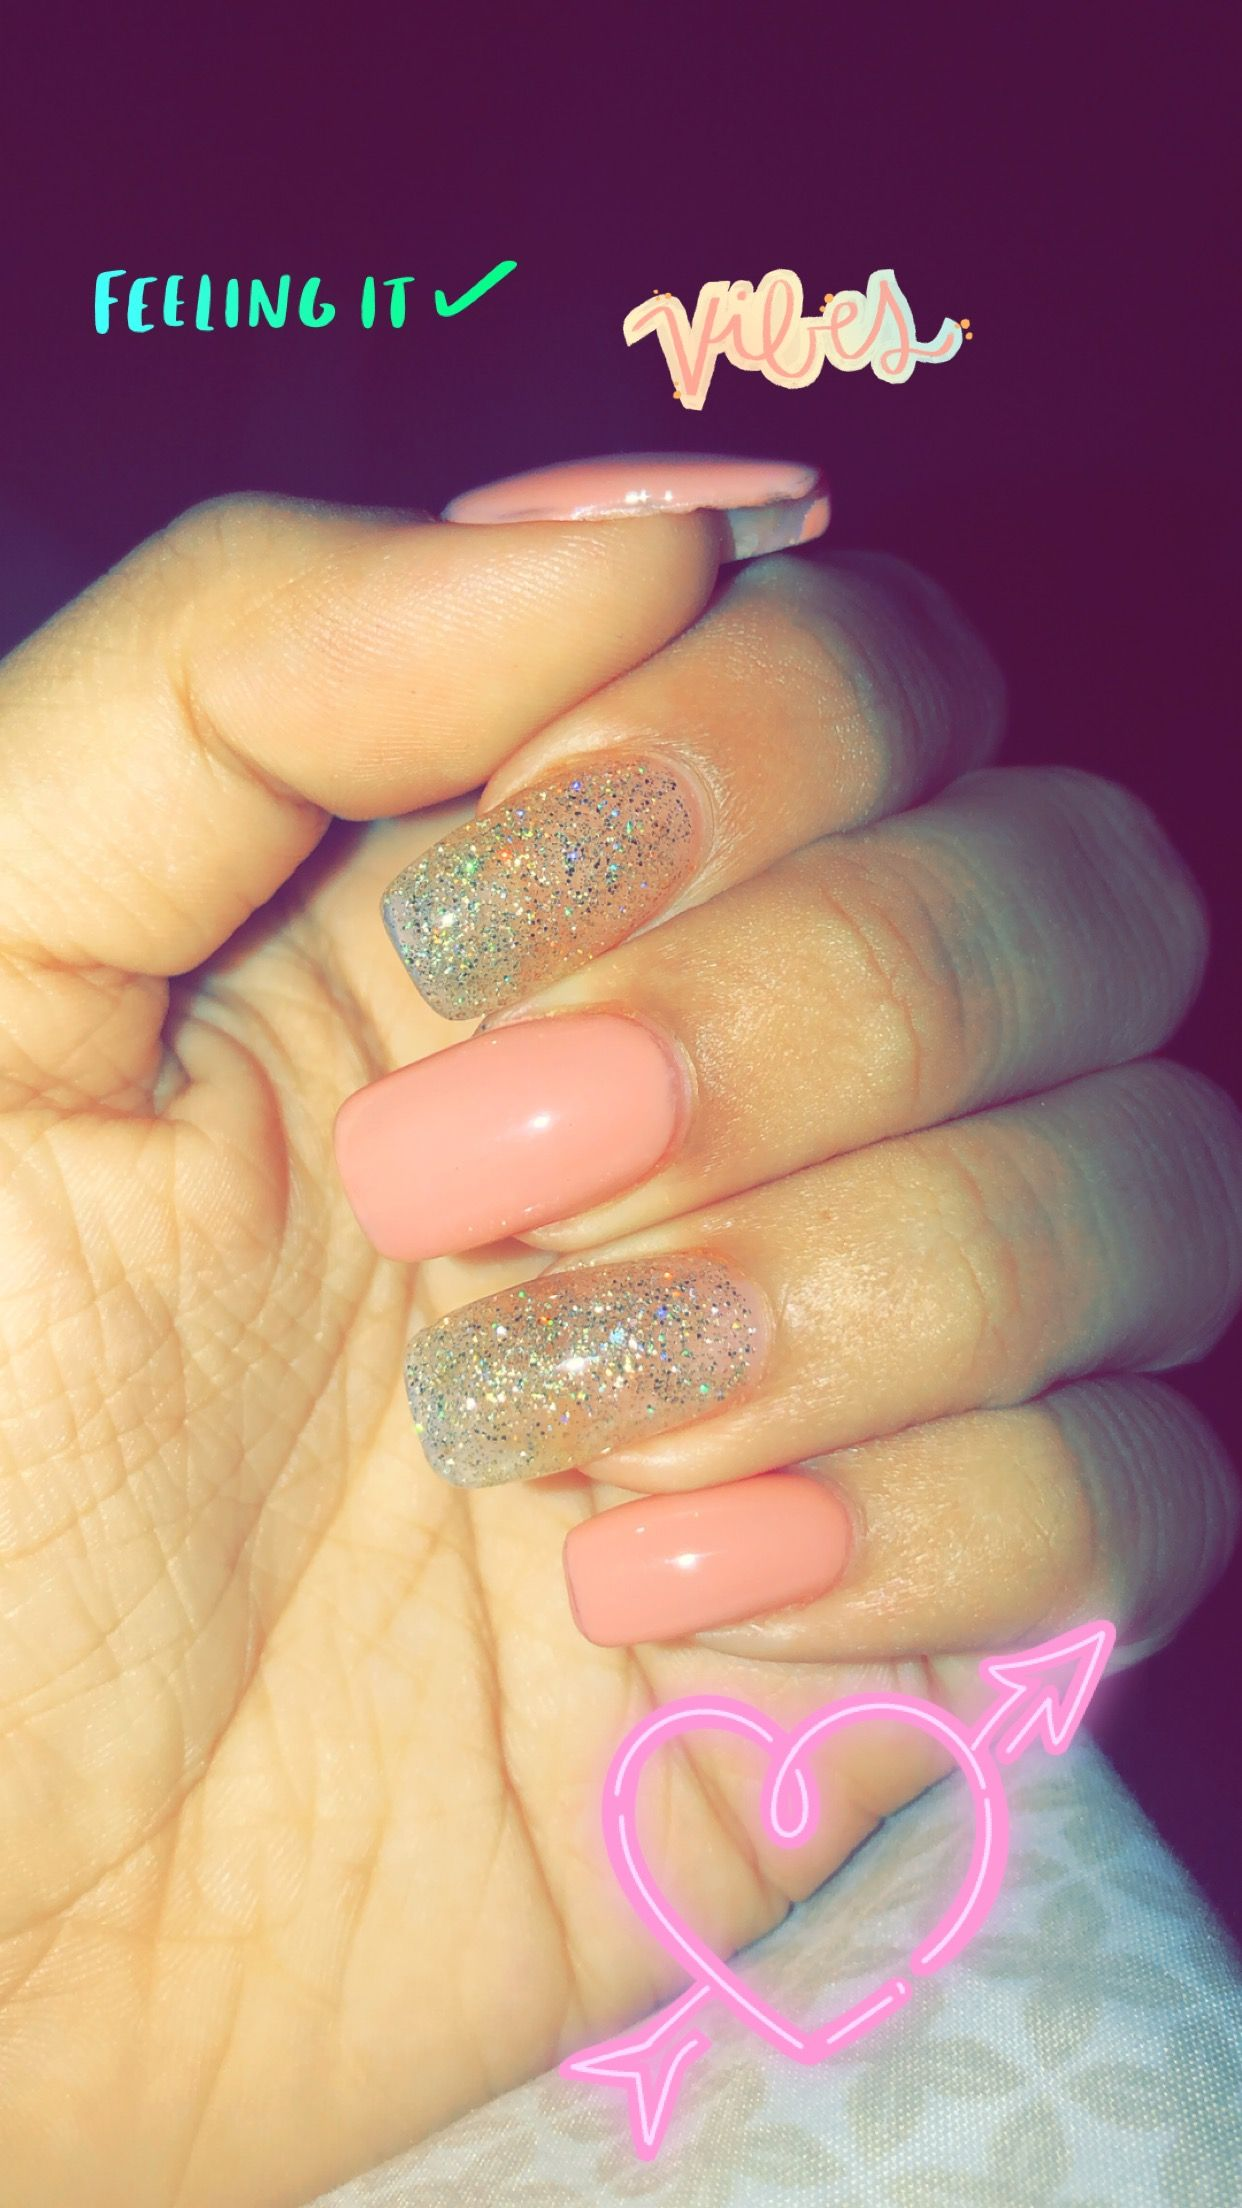 Pin by Ashley Madero on nails Makeup nails, Nails, Gel nails